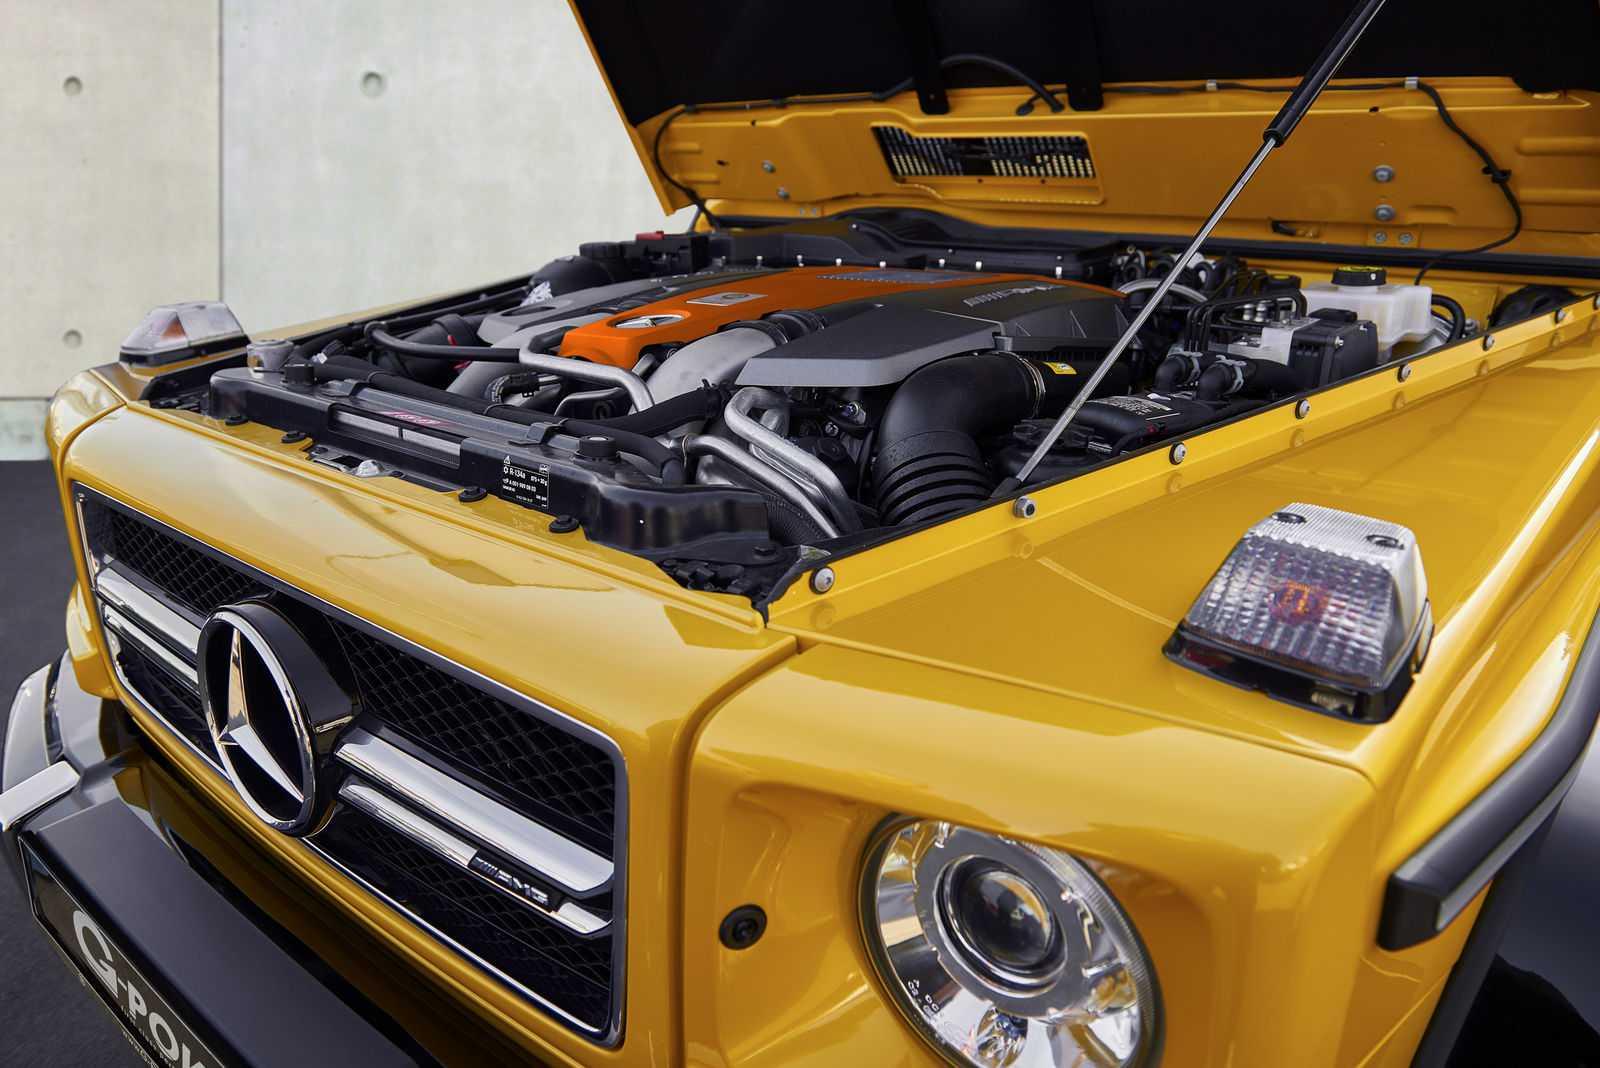 ערכת שיפורי המנוע של G POWER תוסיף עוד 75 כוחות סוס למנוע AMG מבלי לפתוח מכסה מנוע. צילום: G POWER